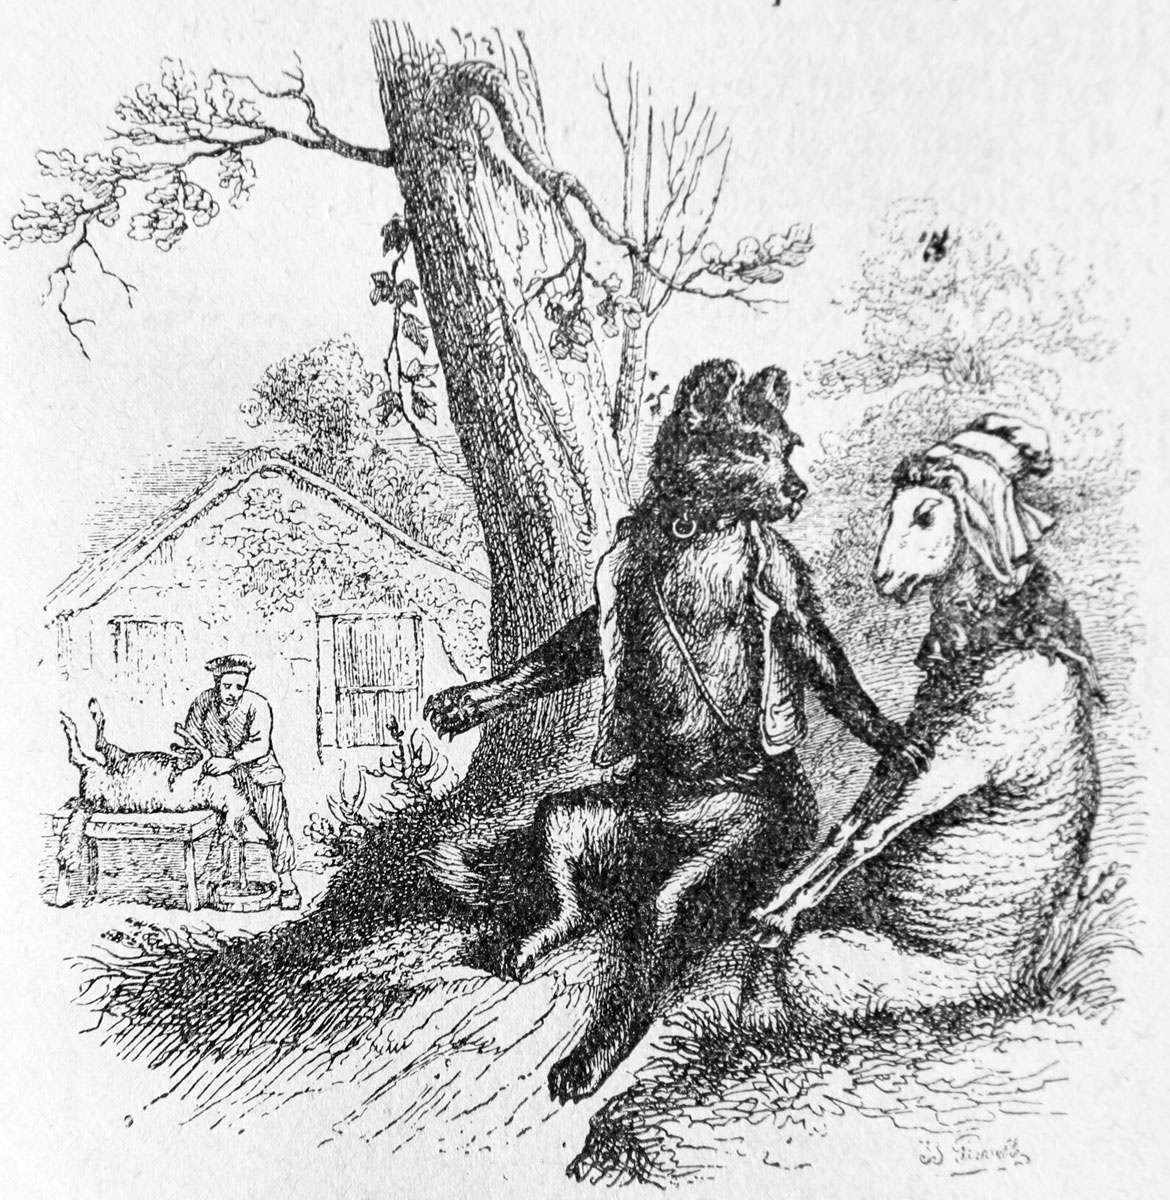 Жан Иньяс Изидор (Жерар) Гранвиль. Овца и Собака. Иллюстрации к басням Флориана